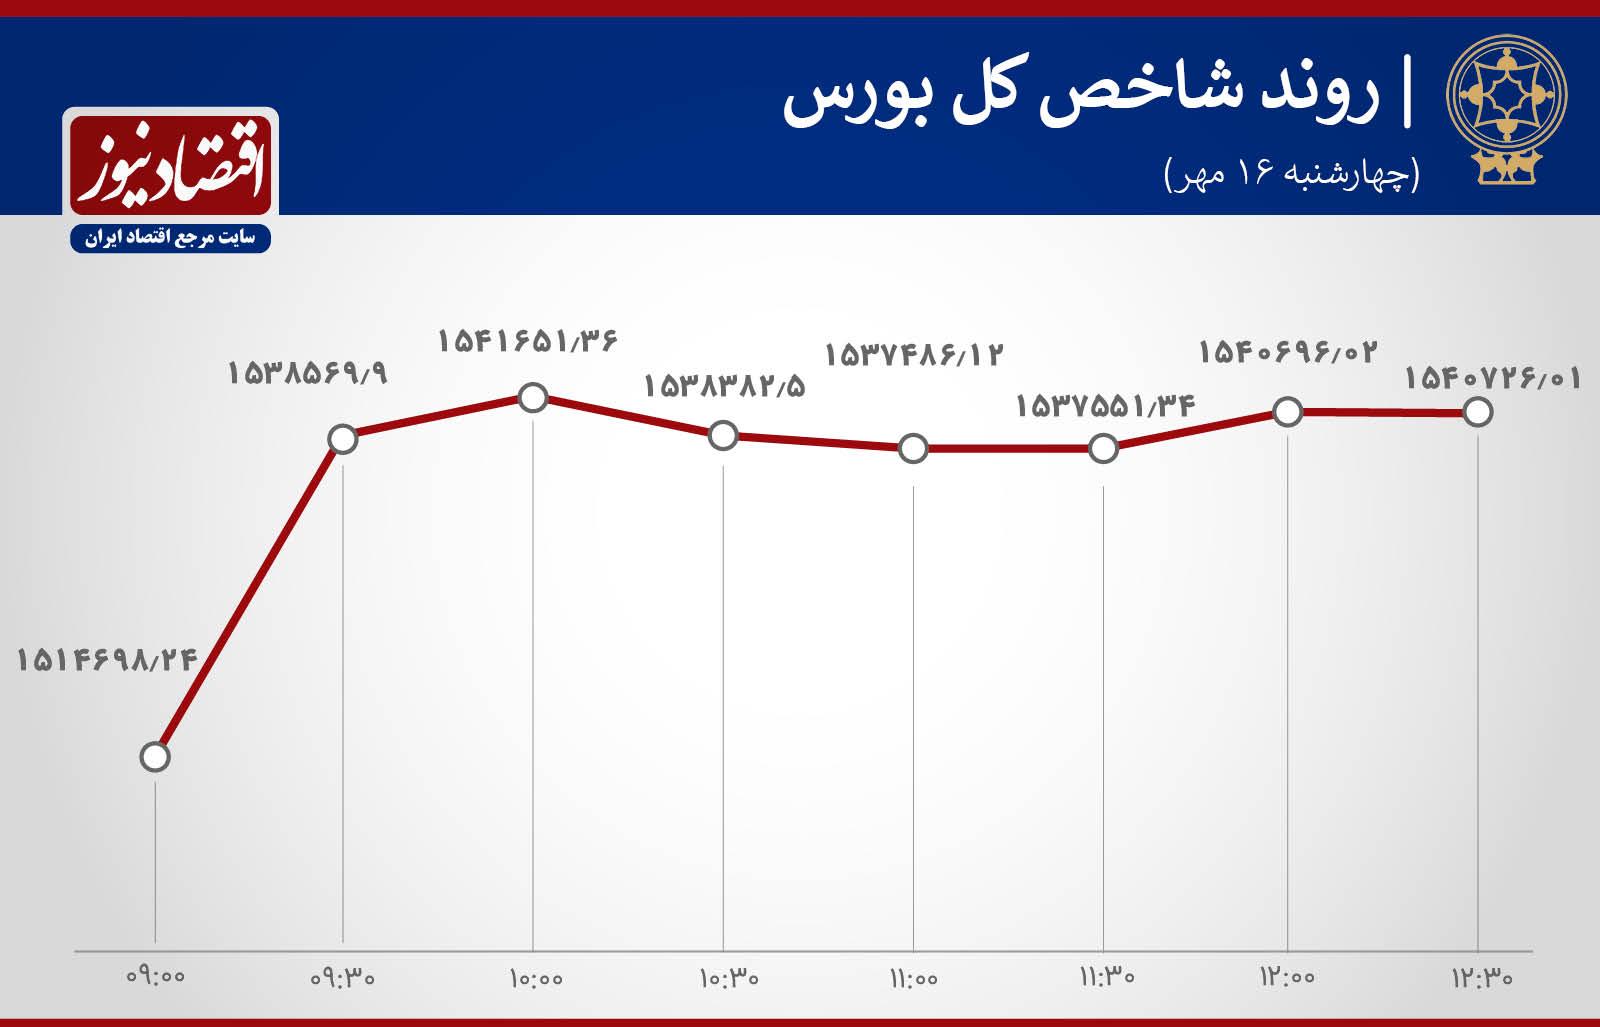 شاخص کل بورس تهران/تکرار سبزی سهام ، امیدها را حفظ کرد